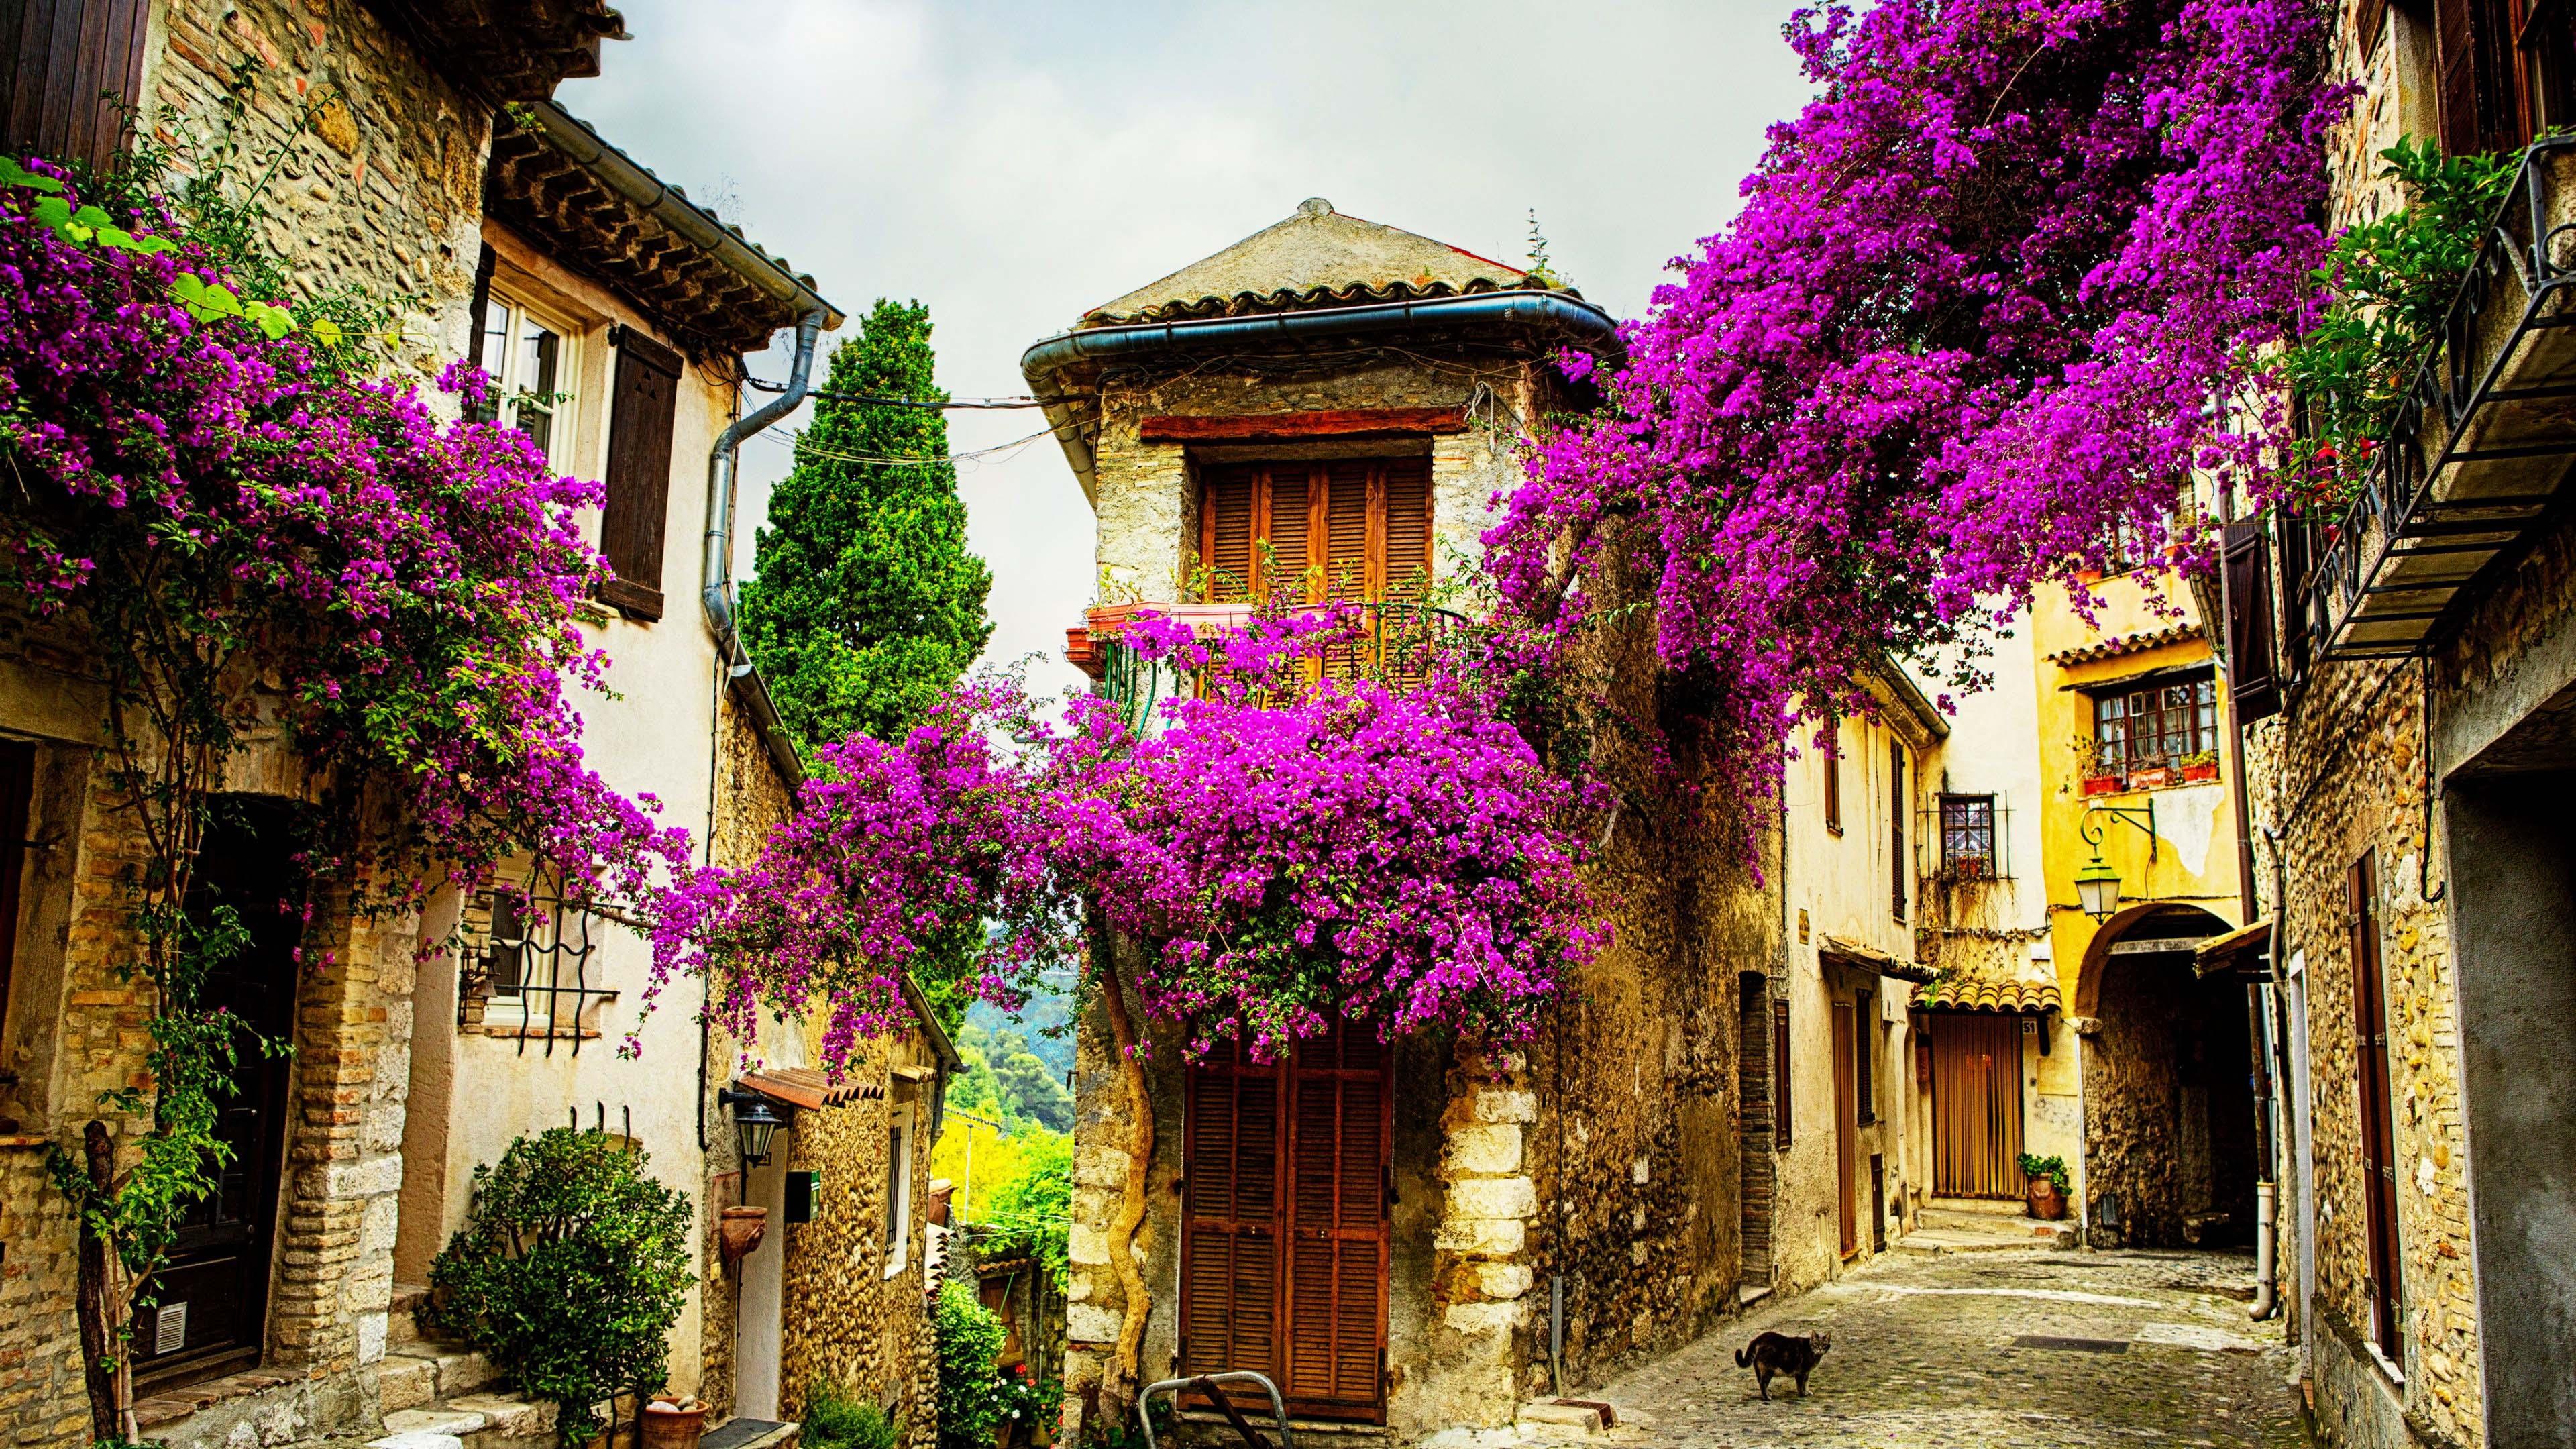 du lịch nghỉ dưỡng Provence Pháp